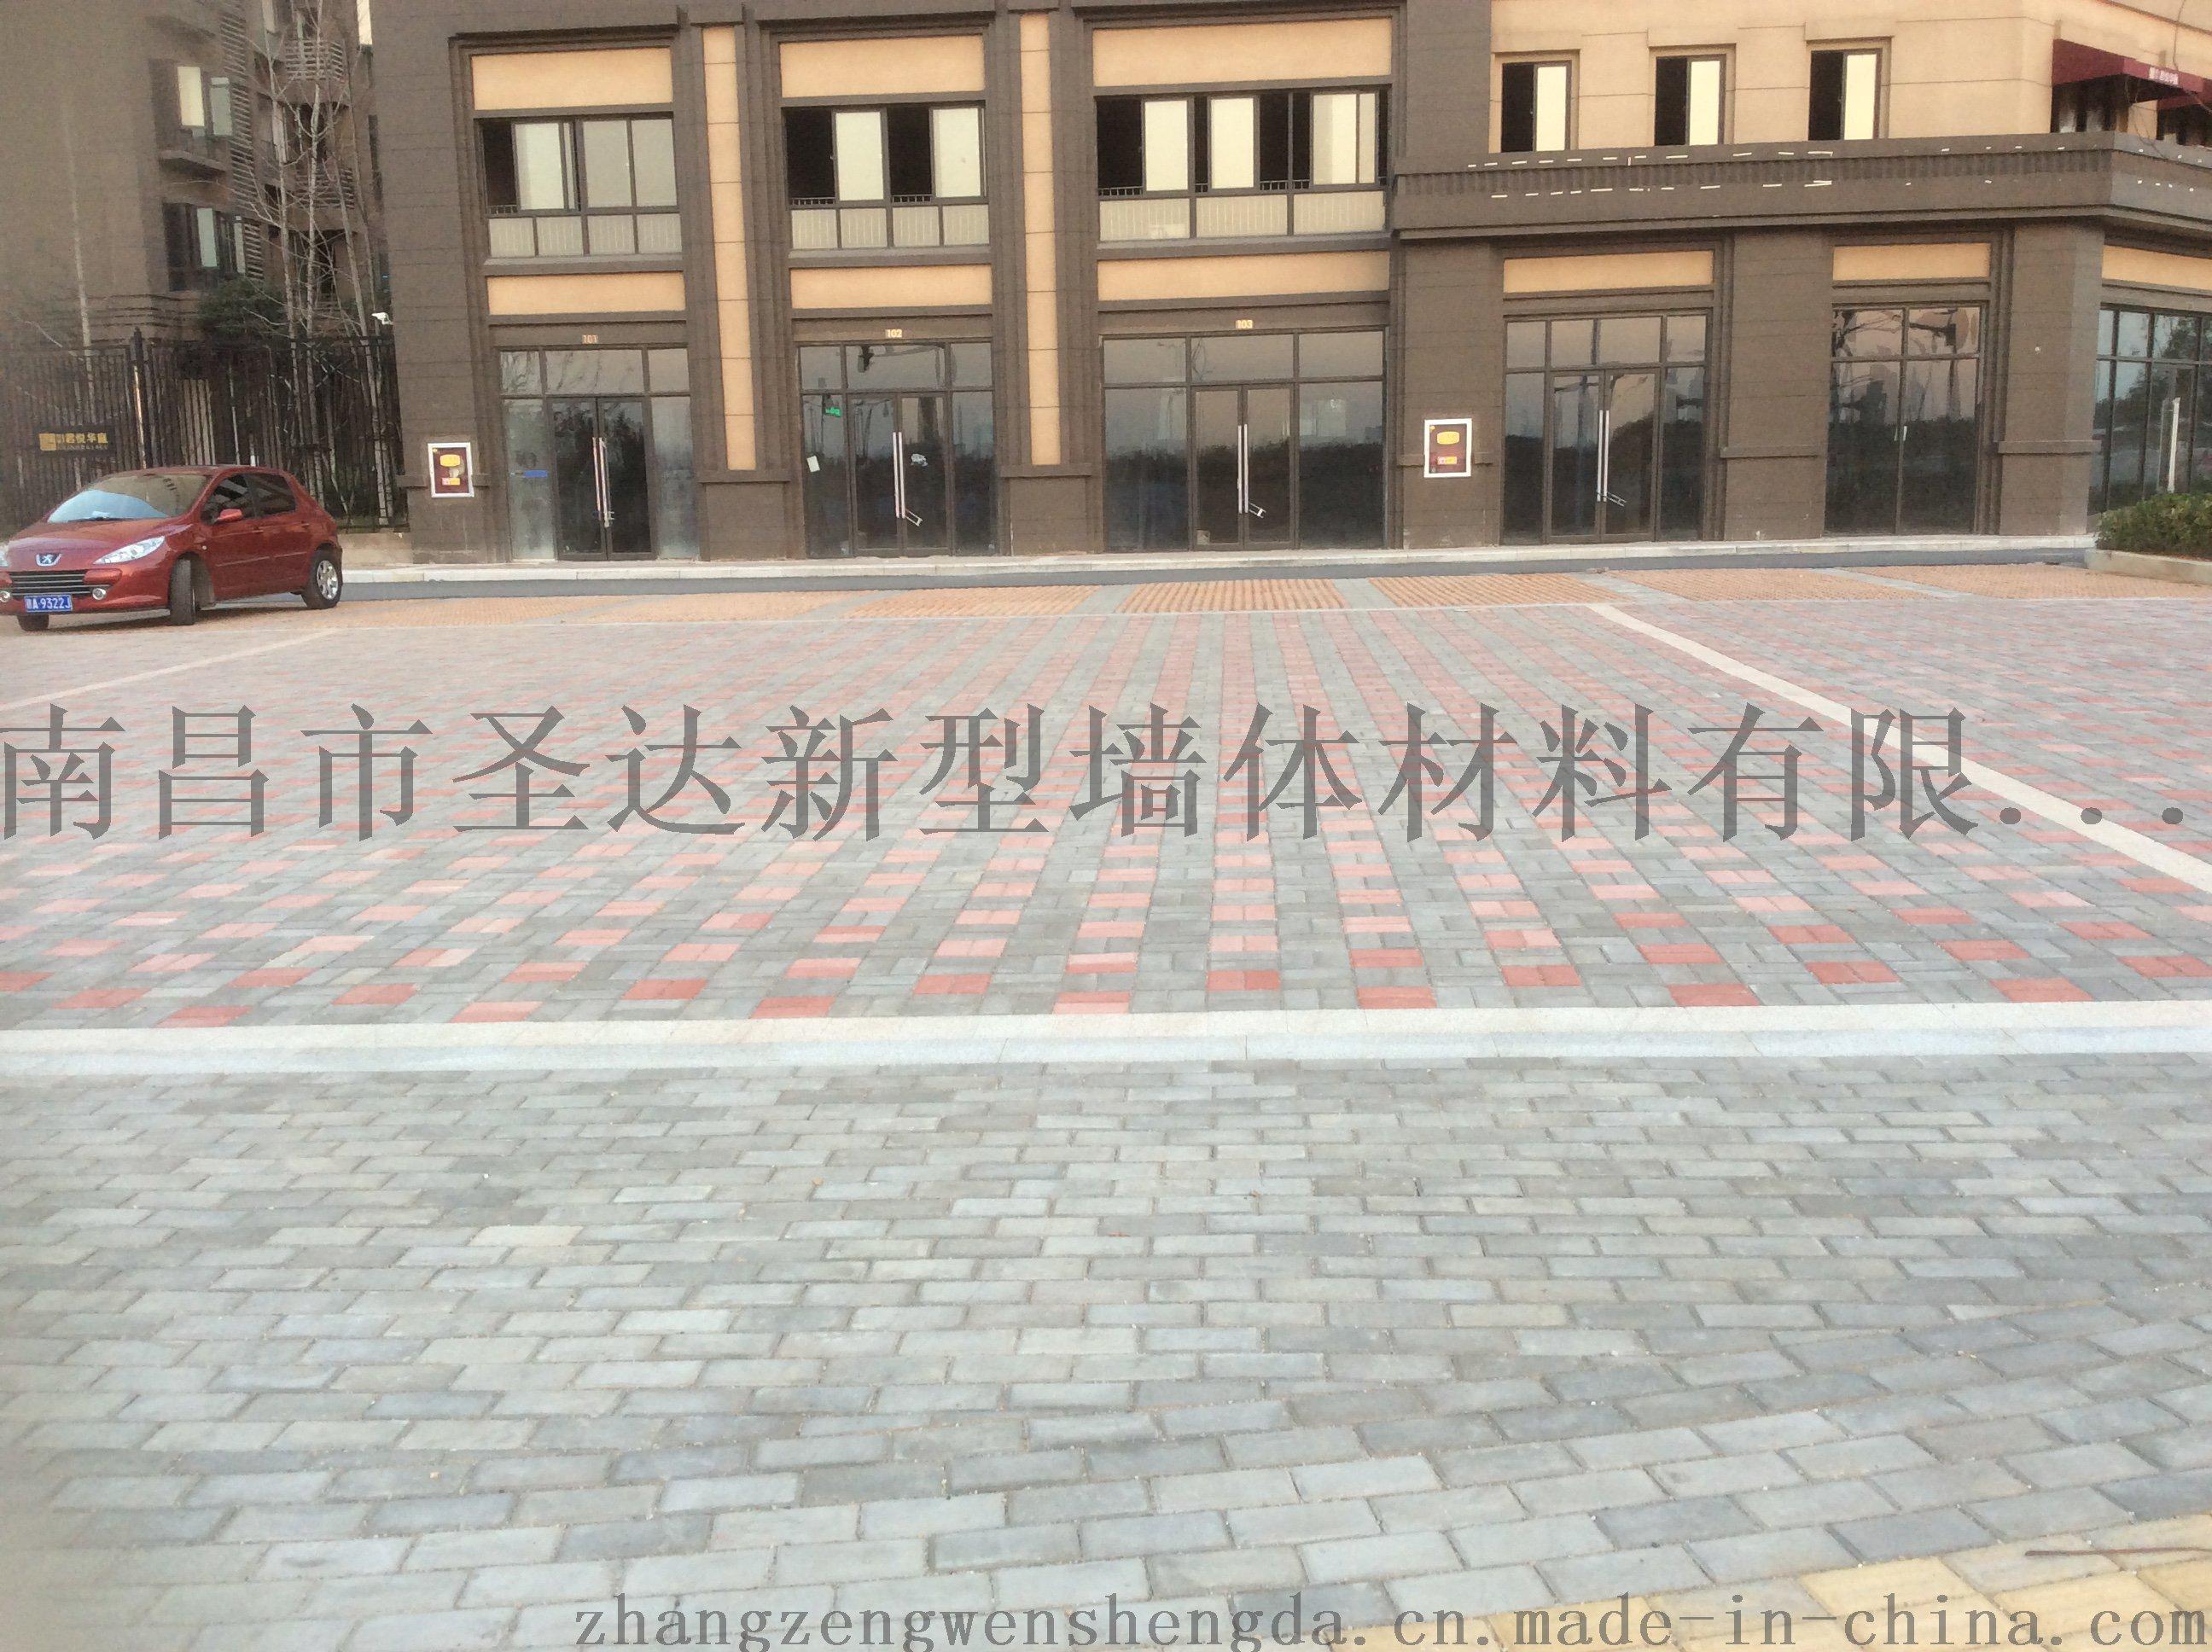 供應九江地區高品質吸水轉,透水磚59721105